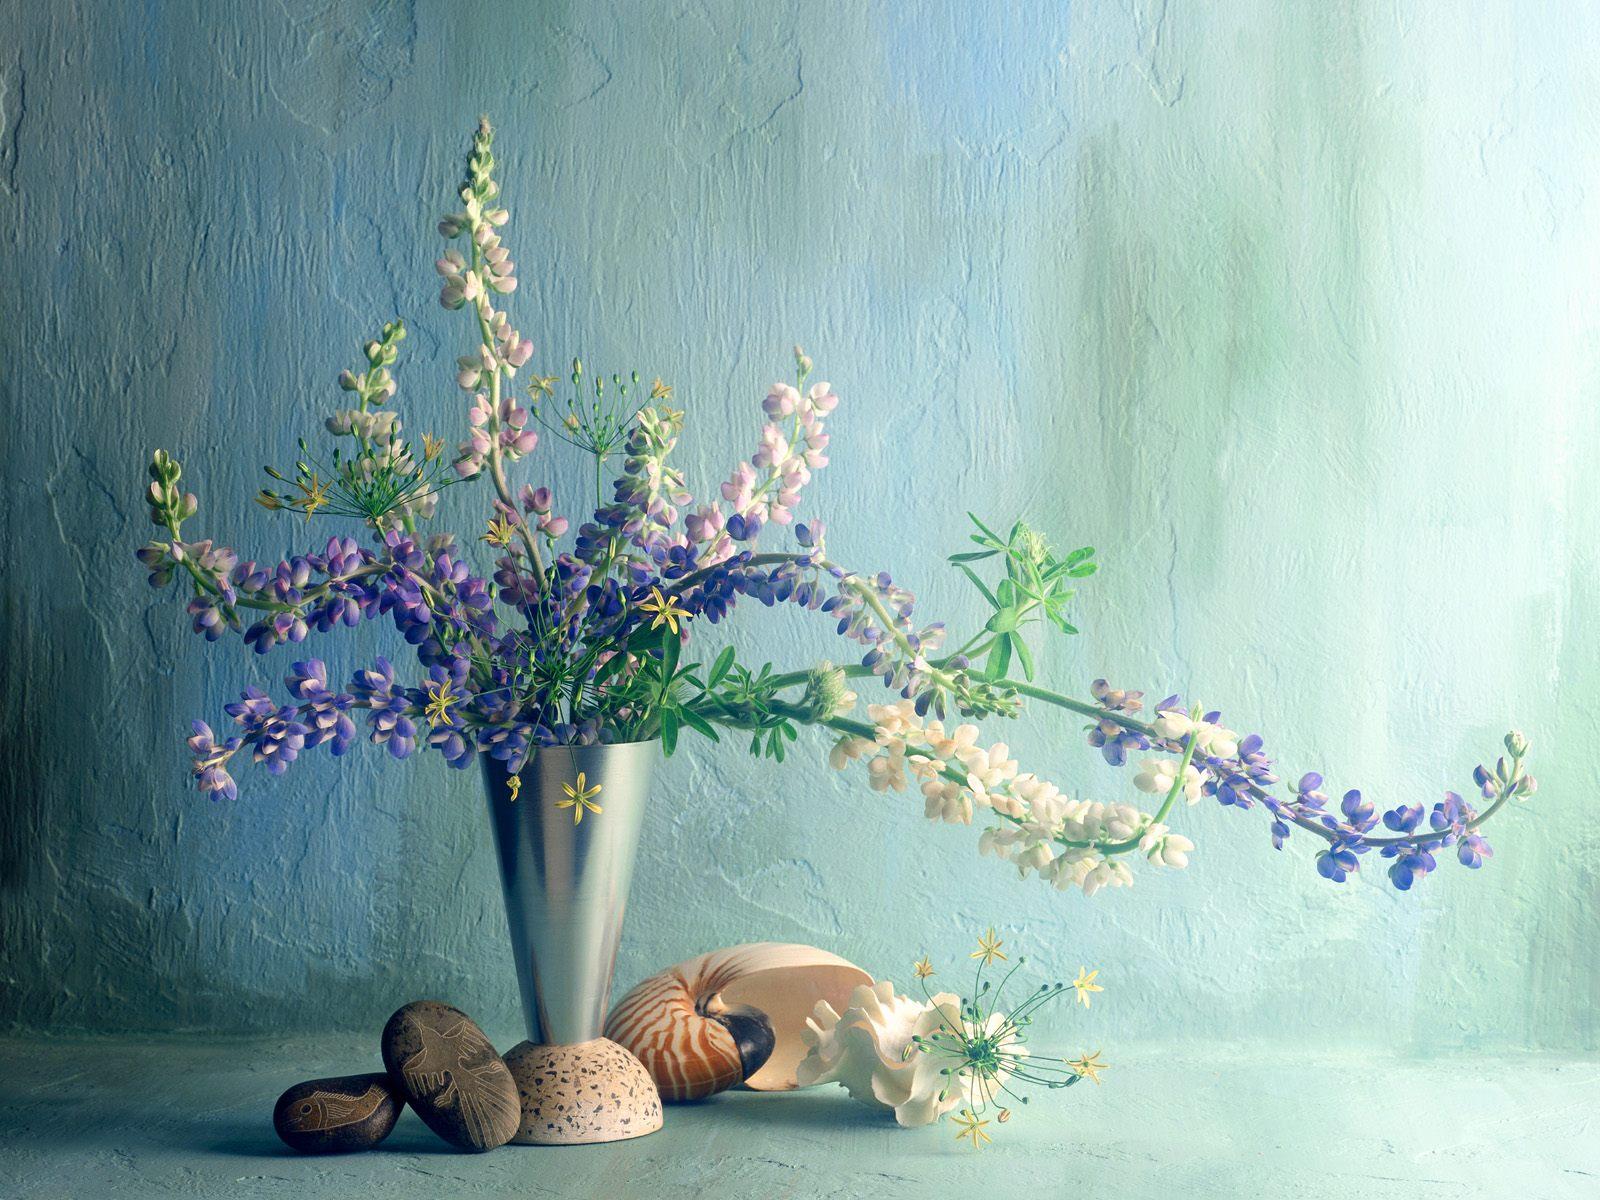 http://2.bp.blogspot.com/_Ym3du2sG3R4/TBlCjr-kVSI/AAAAAAAACf4/U0iK5SFZaNU/s1600/Beautiful-Arrangement-Flower-wallpaper.jpg